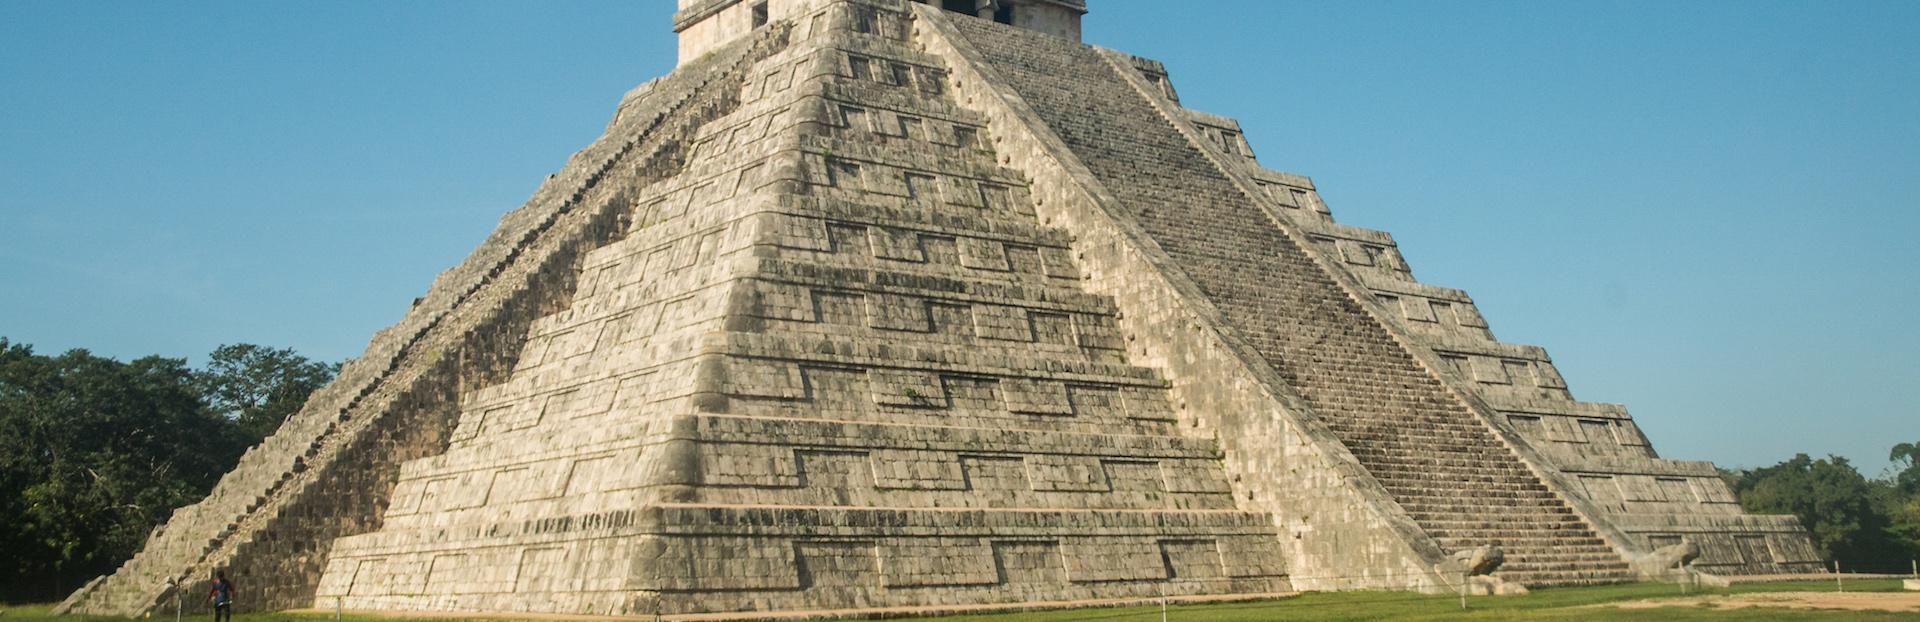 Yucatán Peninsula audio tour: Chichen Itza: The Way of Kukulkan